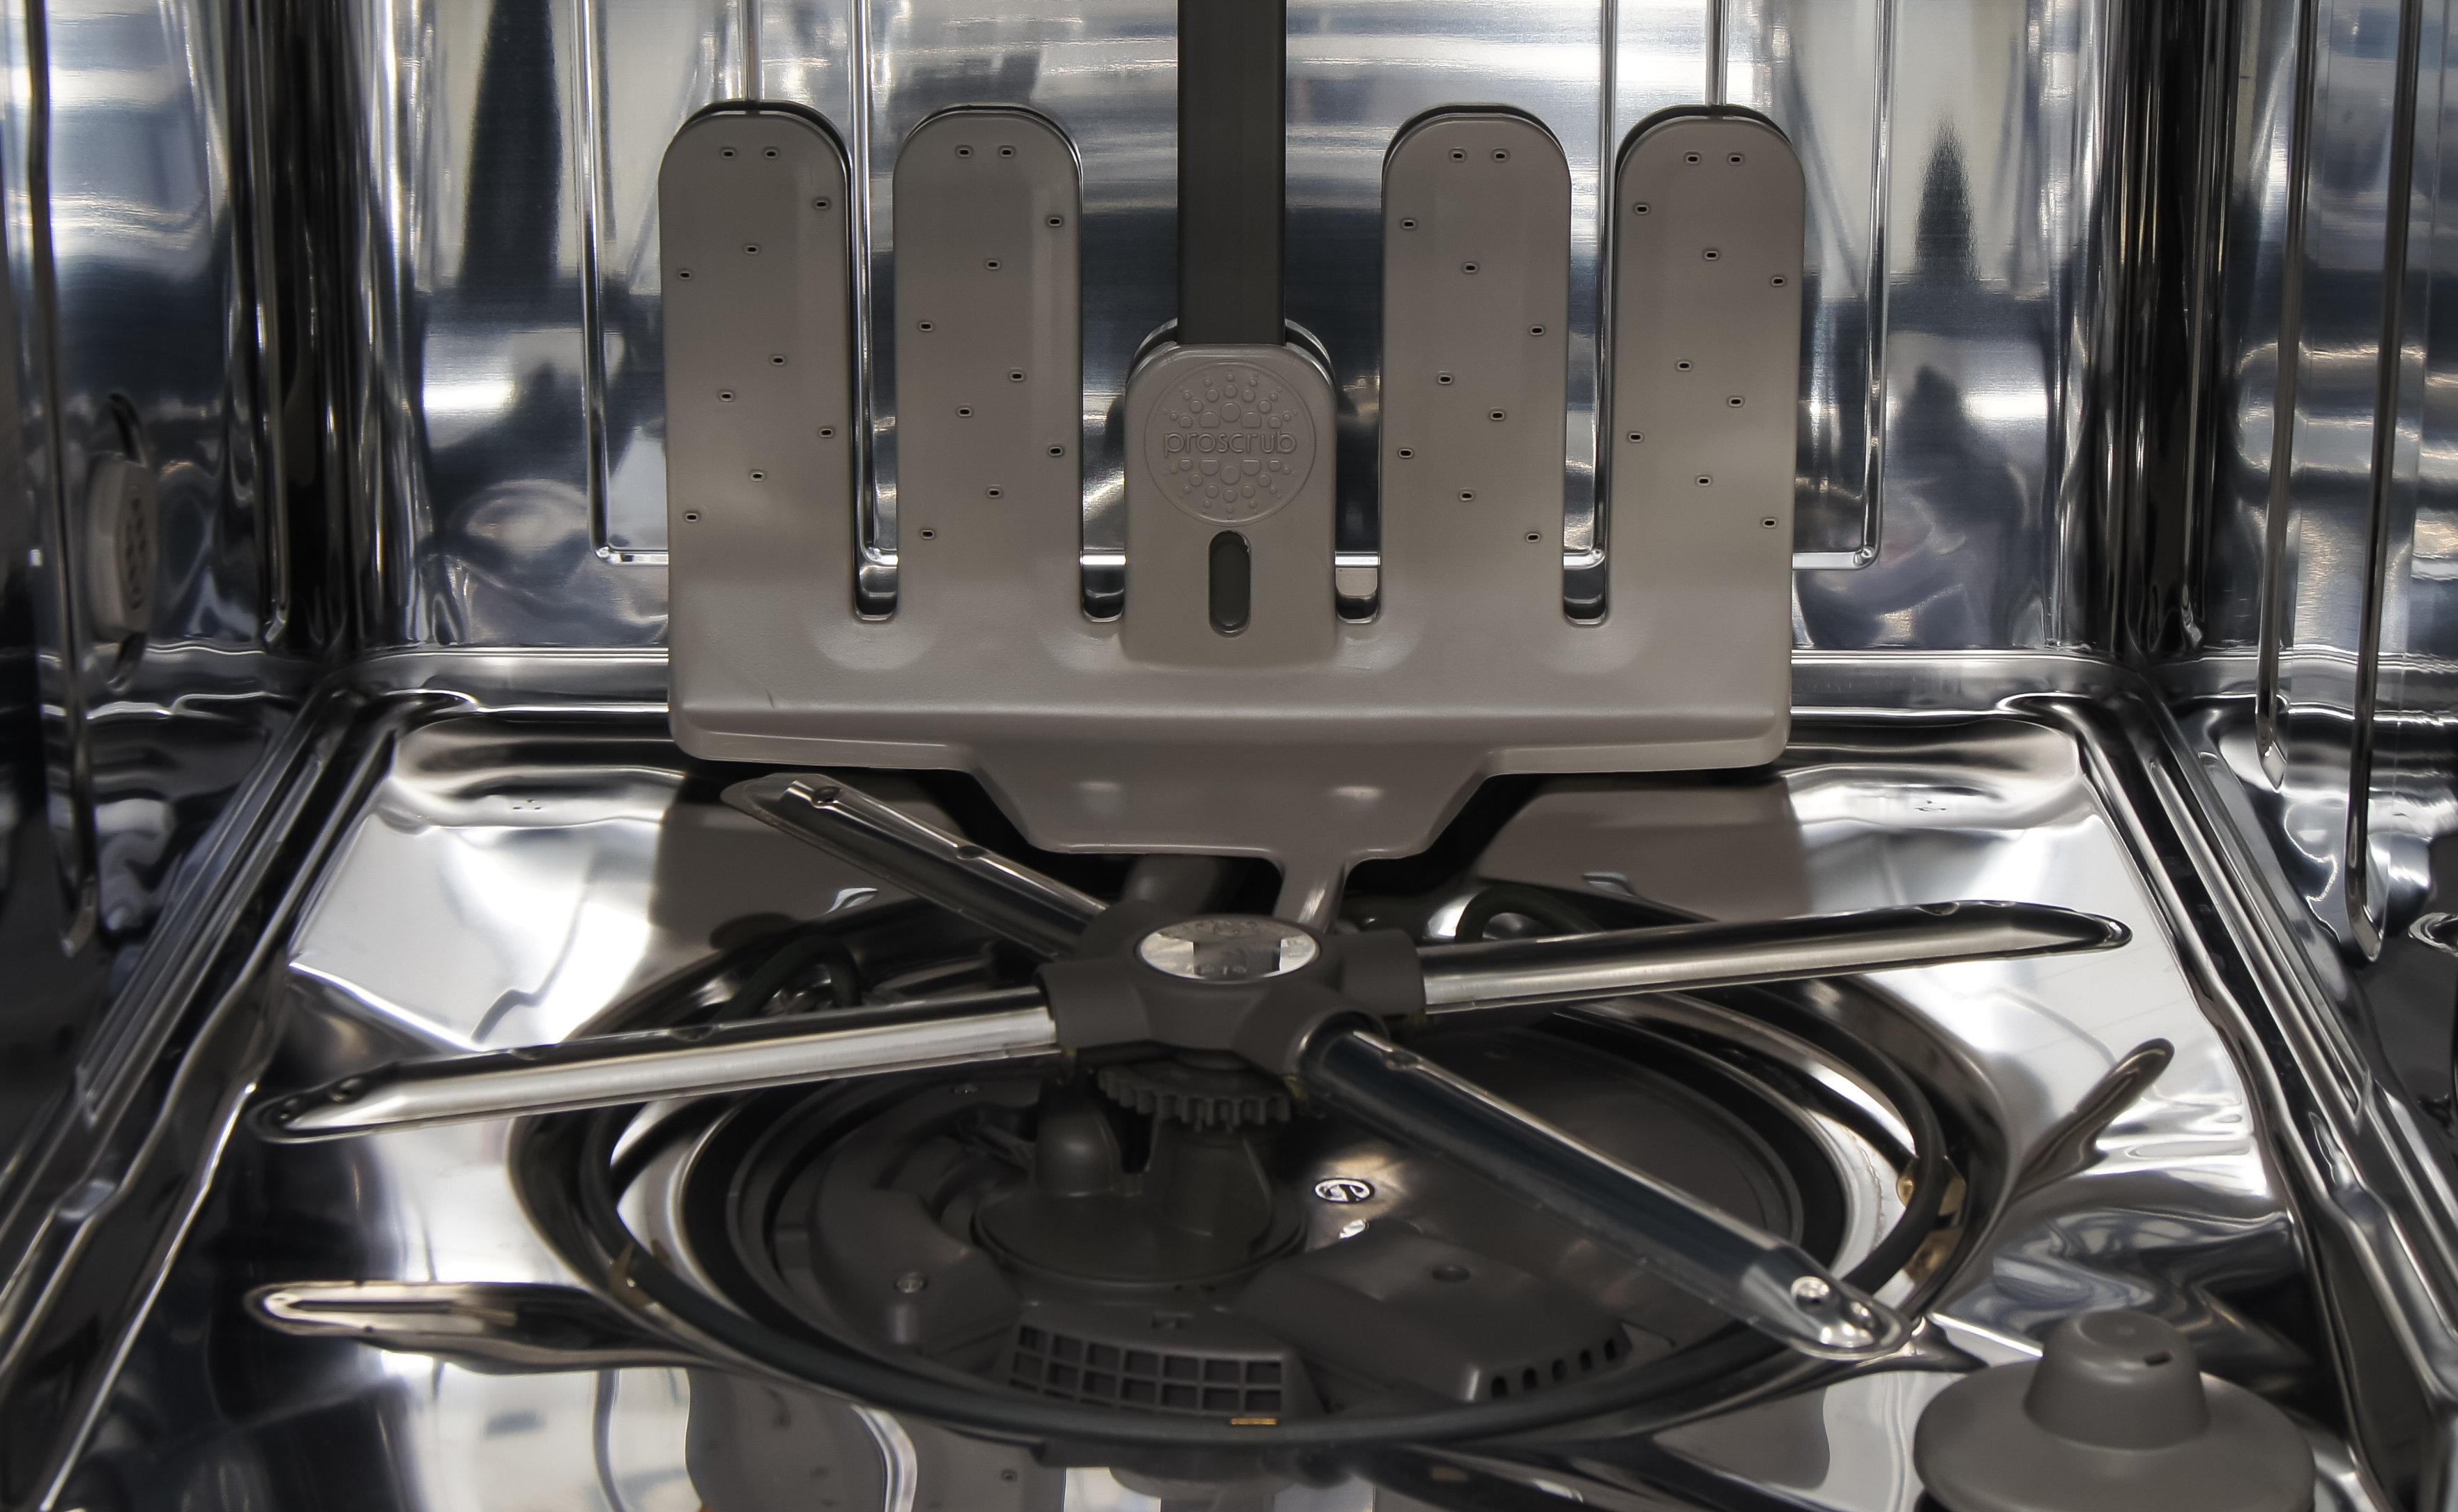 KitchenAid KDTM354DSS ProScrub